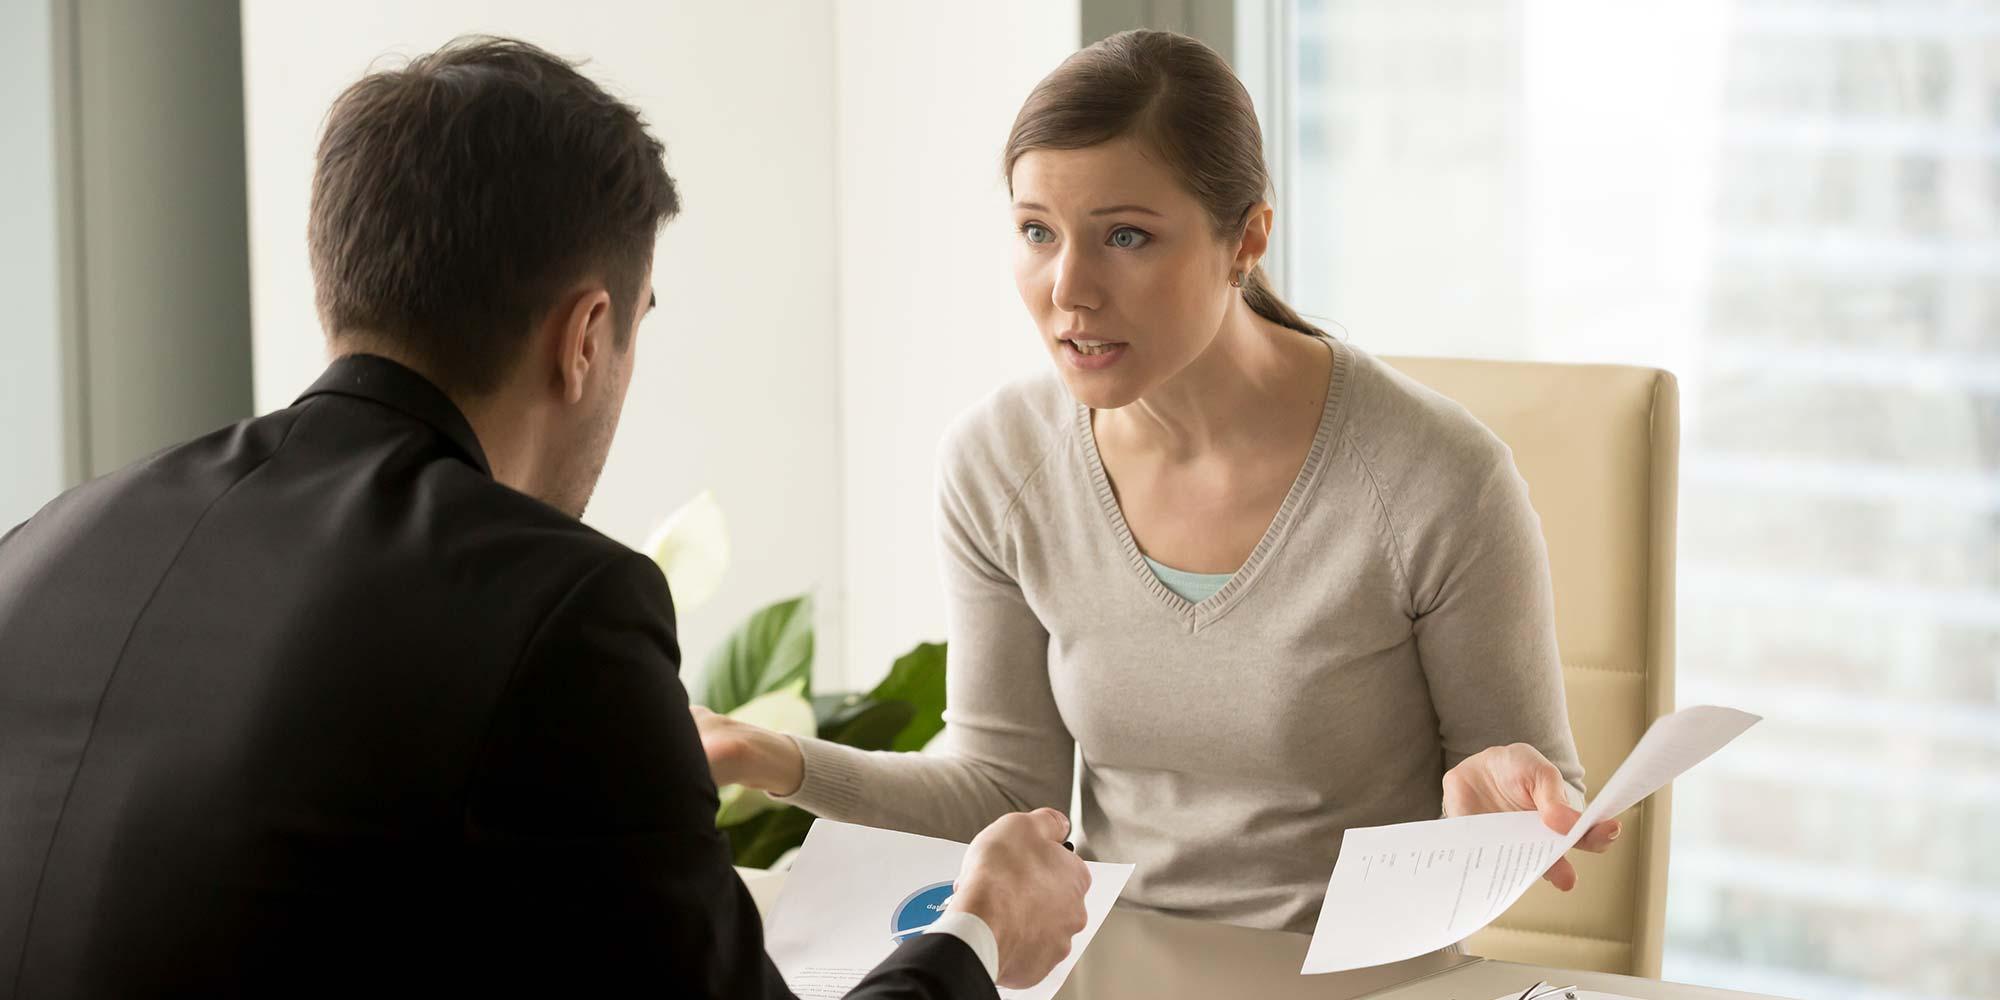 Como evitar problemas com clientes no escritório de advocacia?